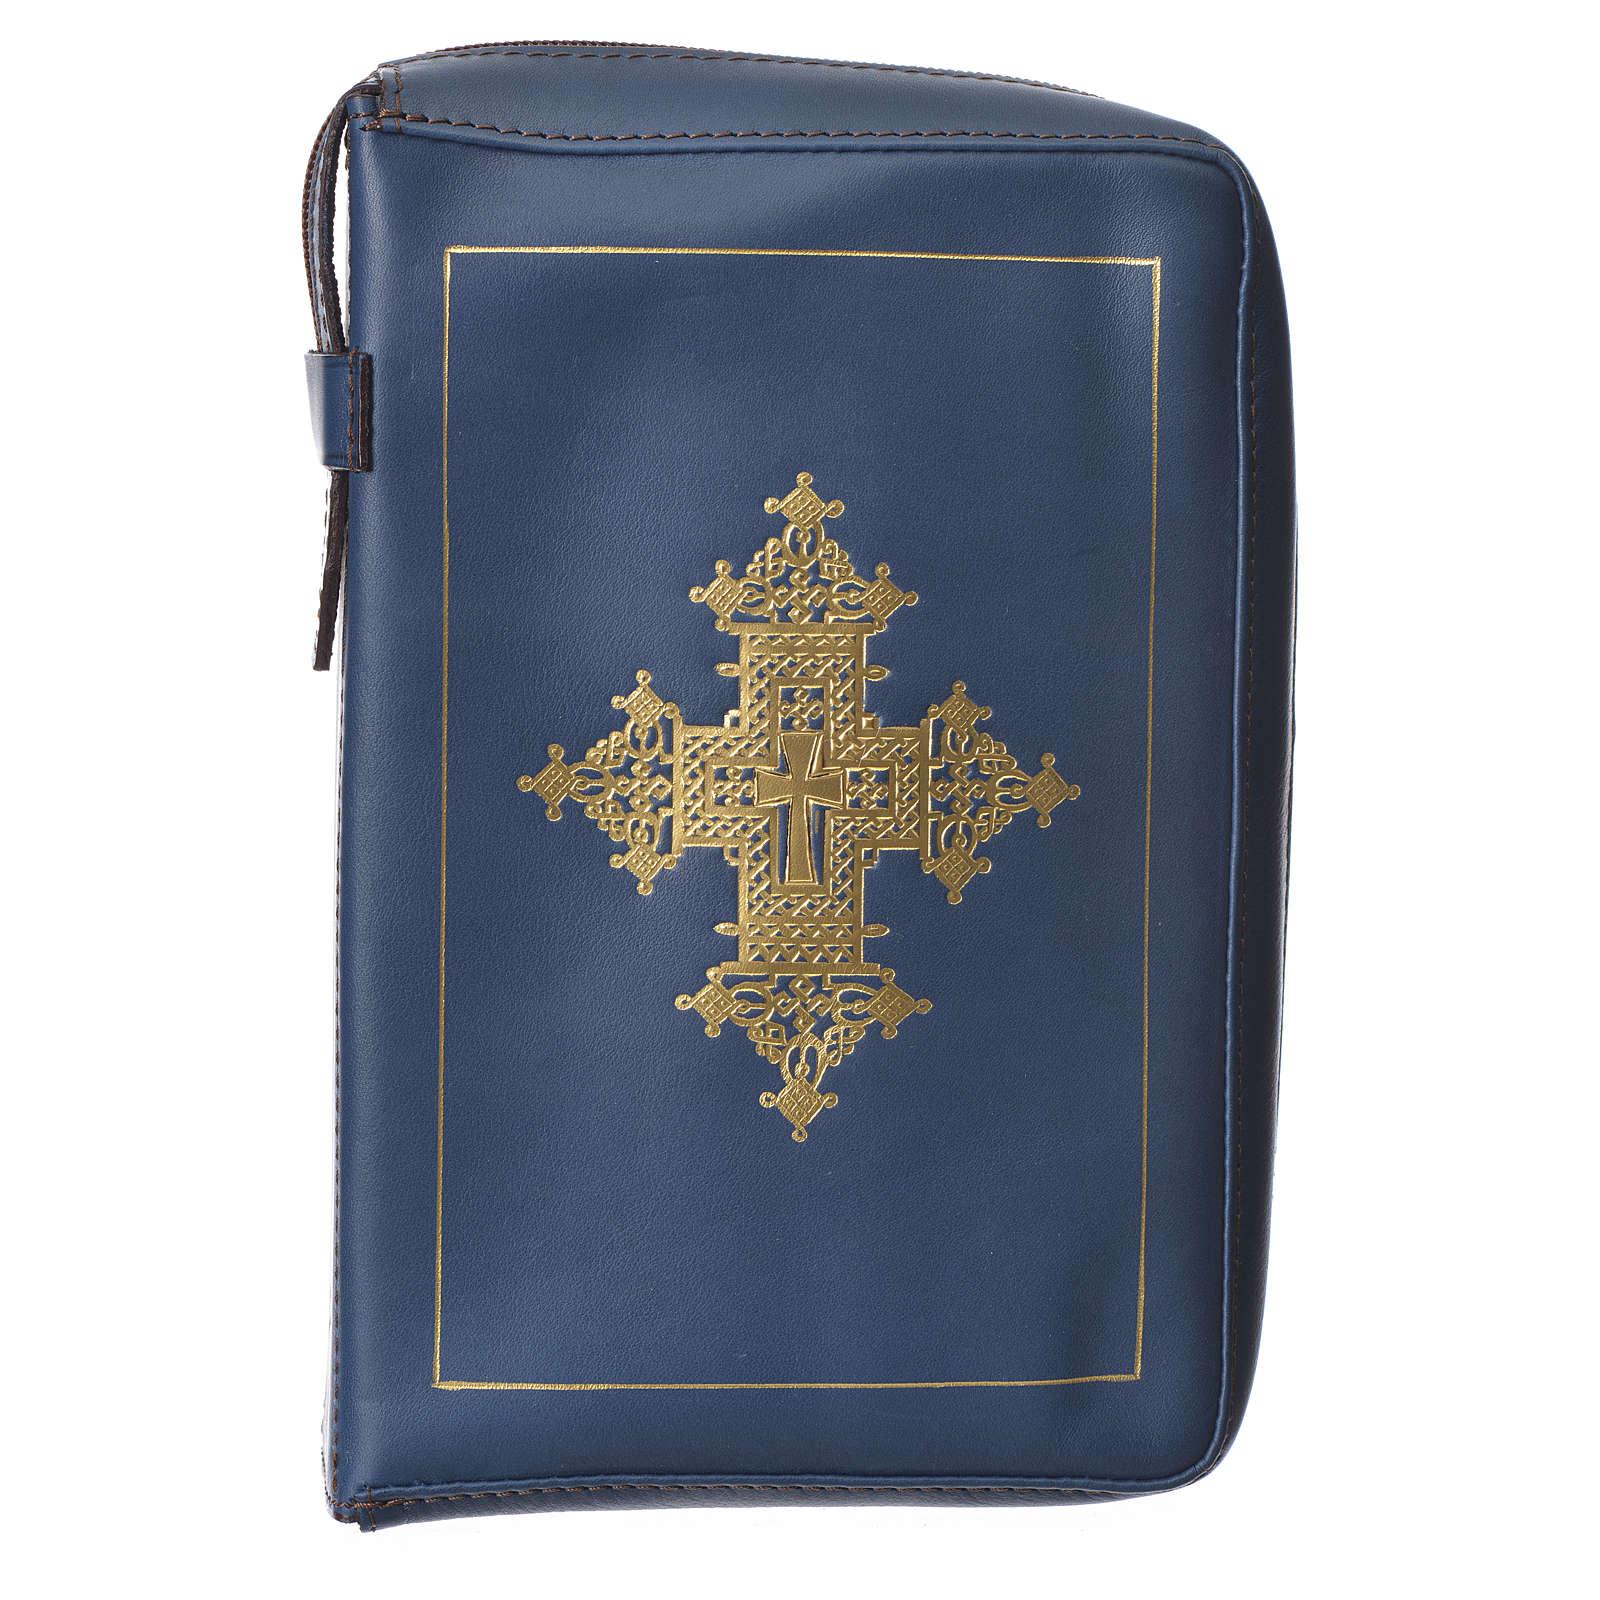 Couverture liturgie heures 4 vol. croix or bleu Bethléem 4